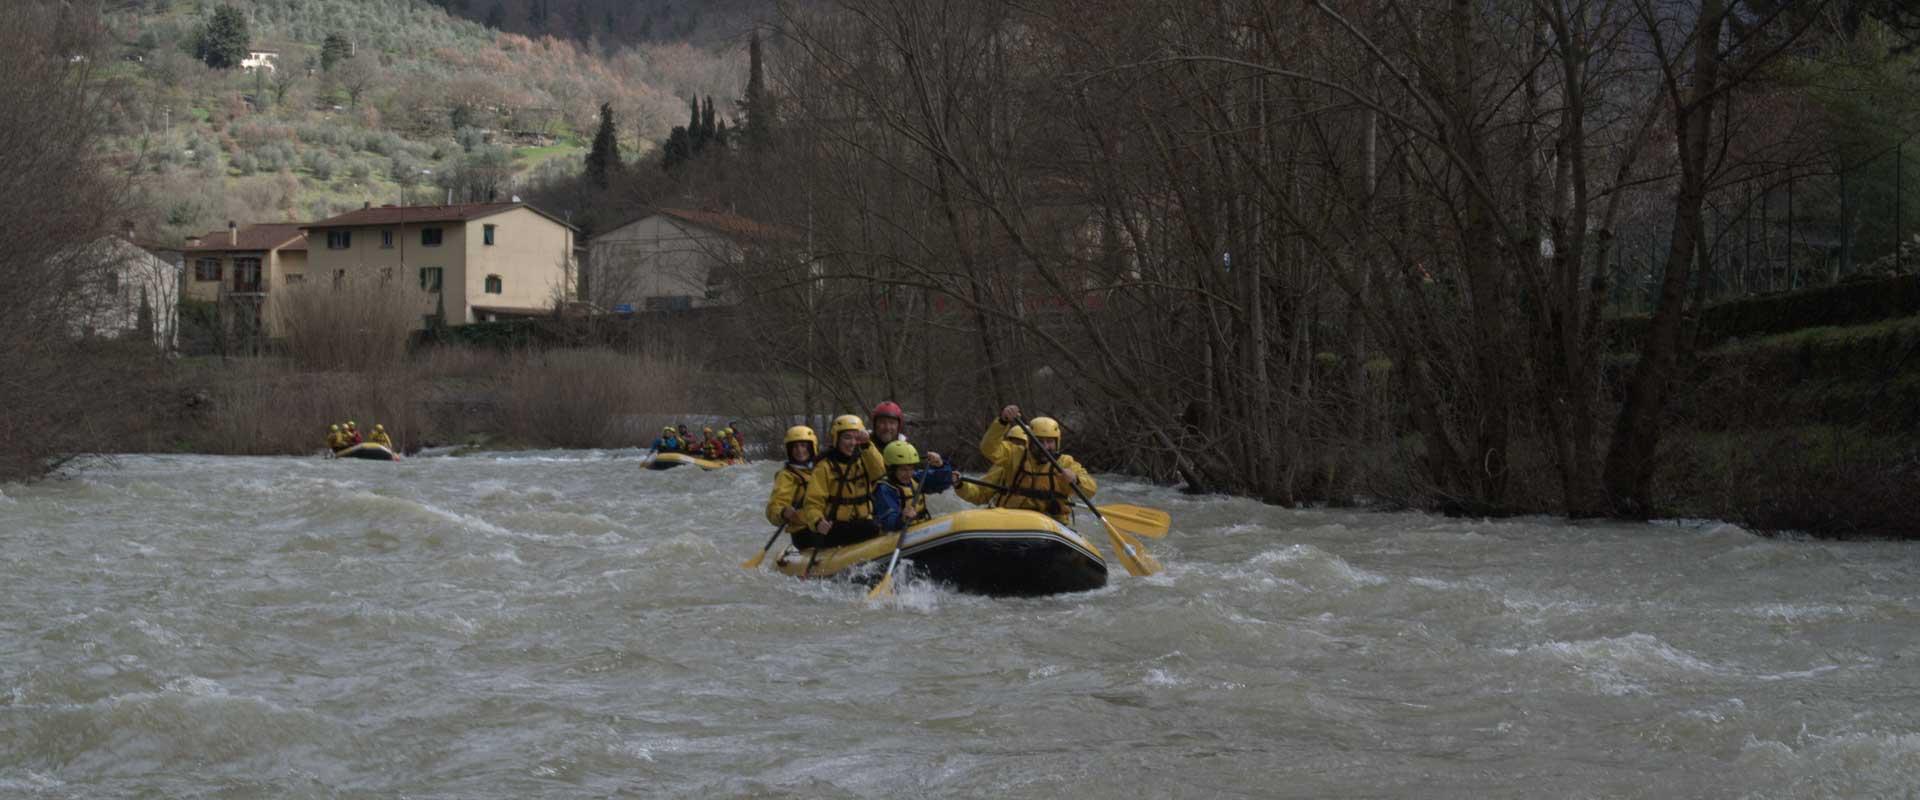 rafting-rapidaOK2